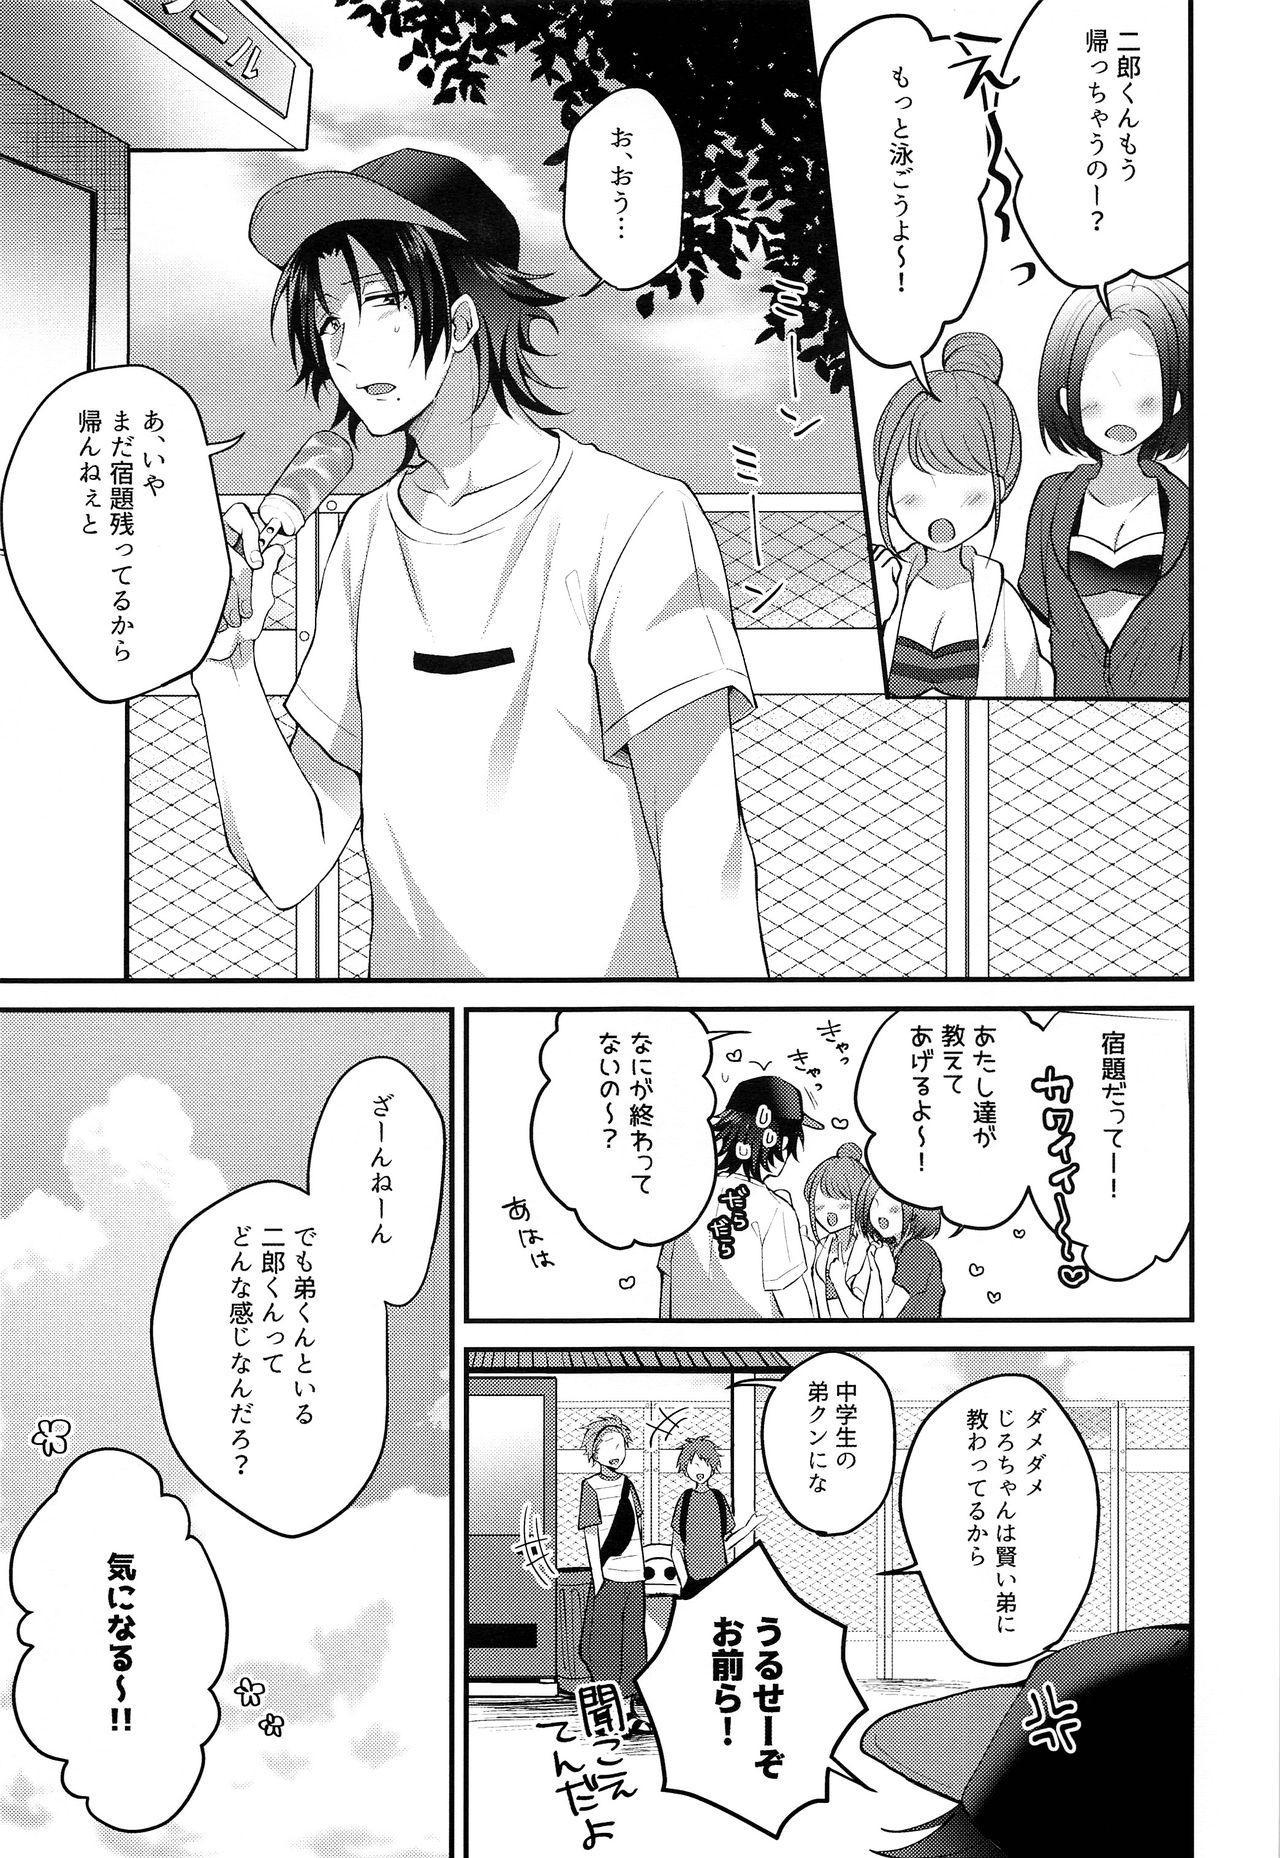 Boku no Gukei o Shoukai Shimasu 3